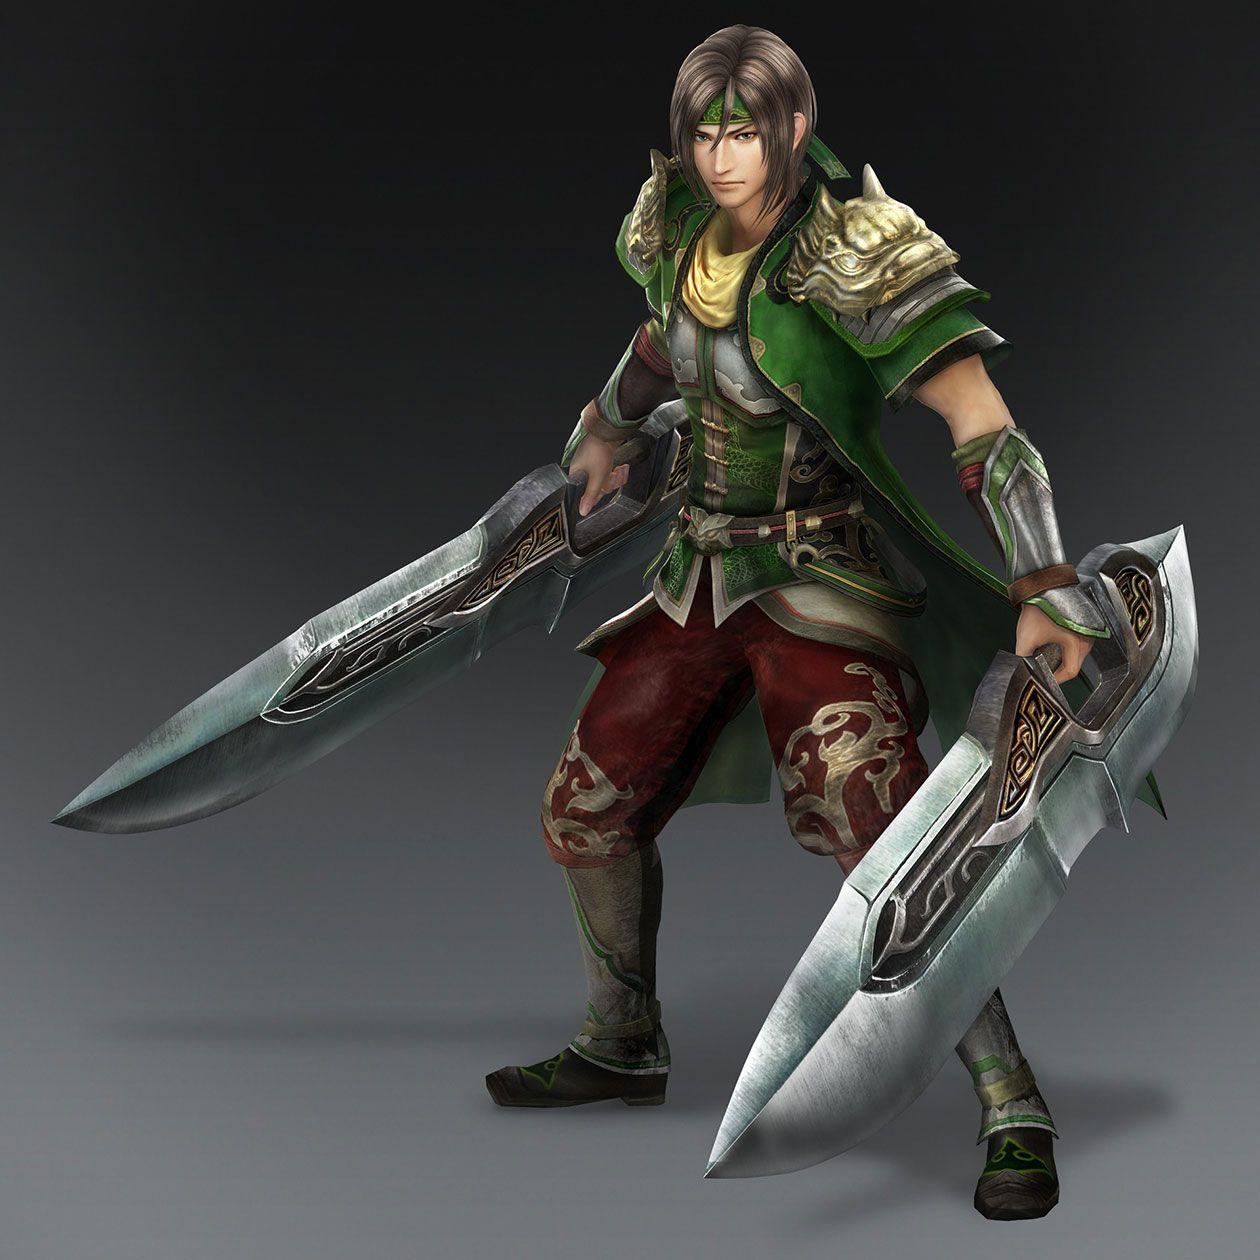 Guan Xing & Weapon (Shu Forces)